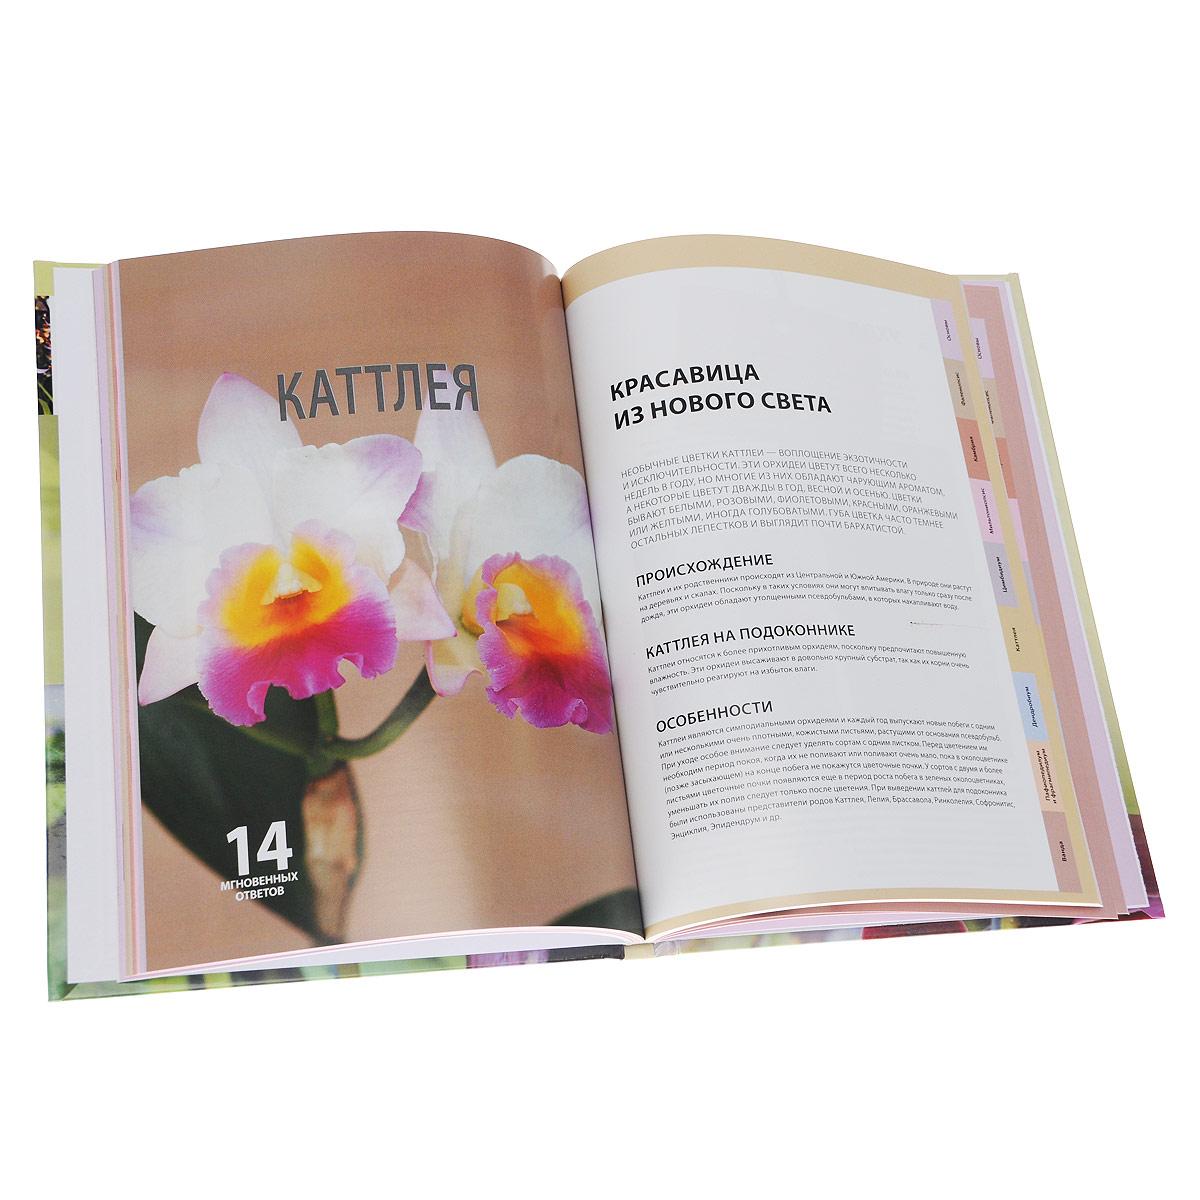 Всё об орхидеях. 80 лучших видов и сортов. Практическое руководство по выращиванию и уходу